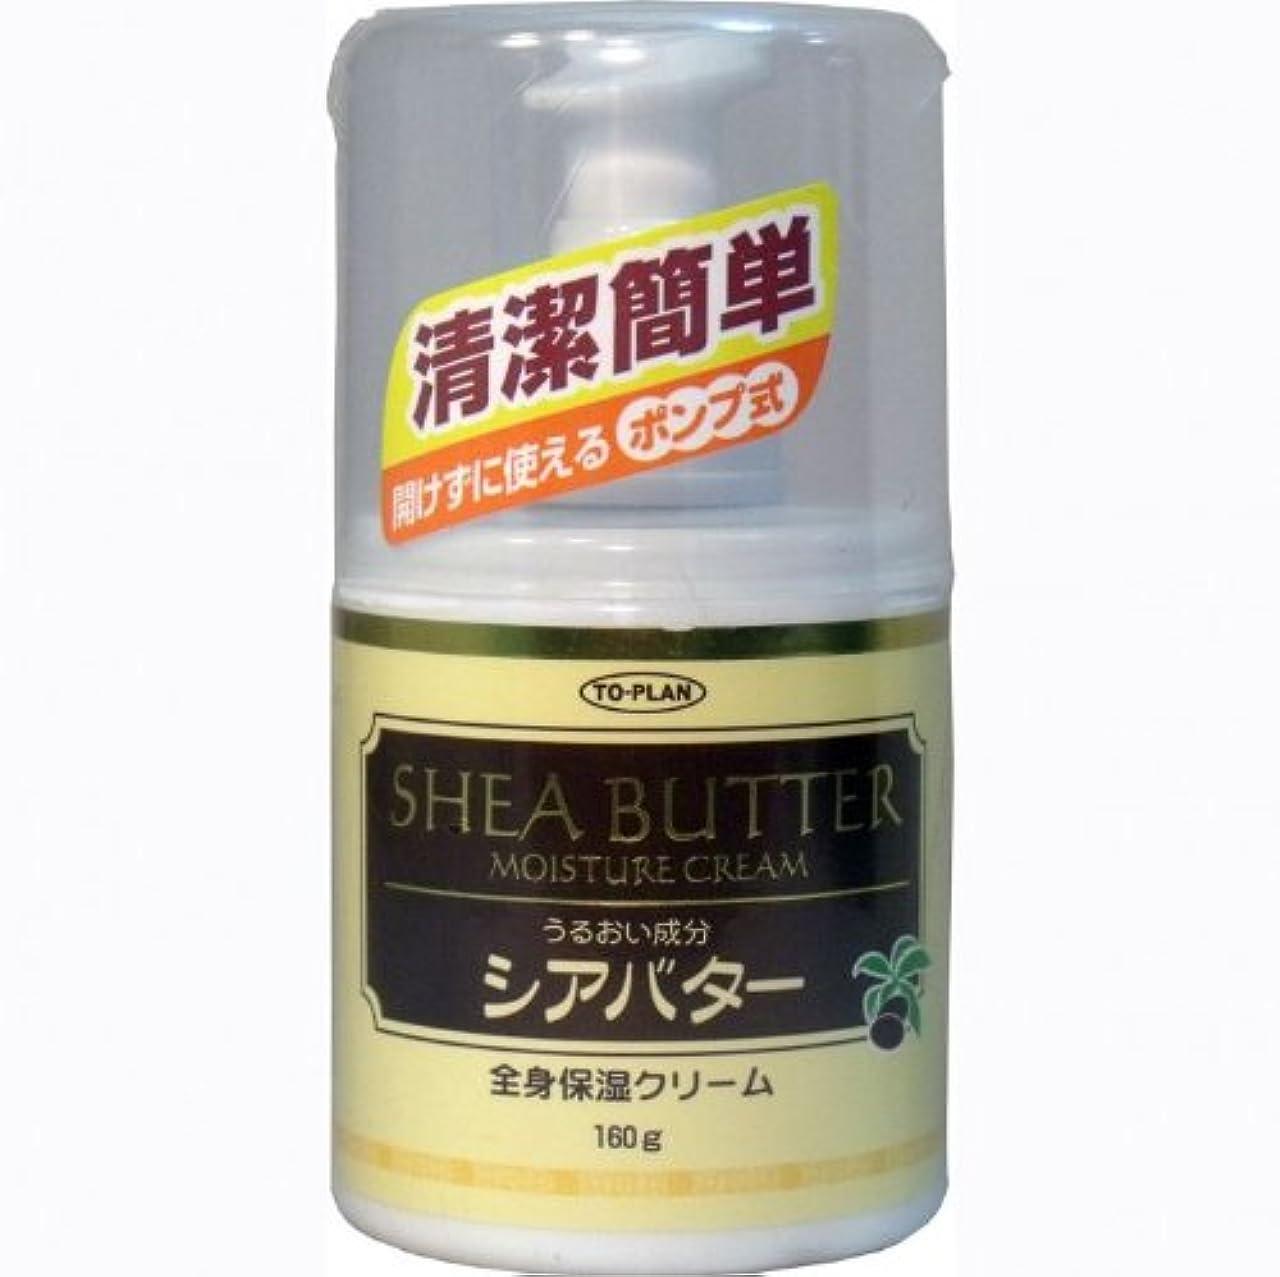 微生物違反するペックトプラン 全身保湿クリーム シアバター ポンプ式 160g【5個セット】